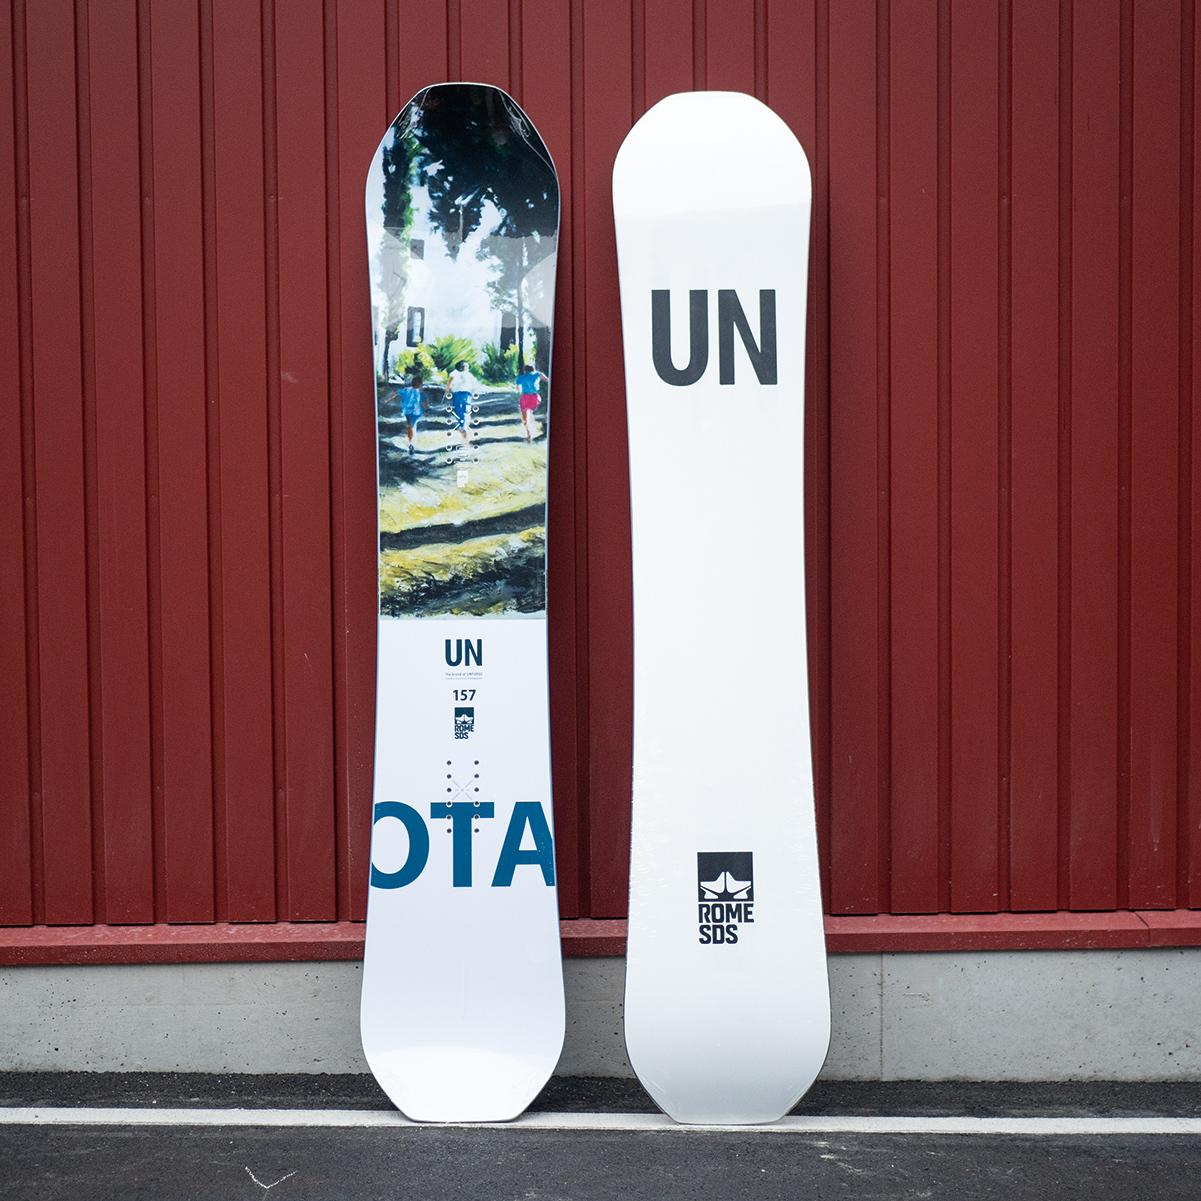 ROME SDS / unfudge // O.T.A 157cm